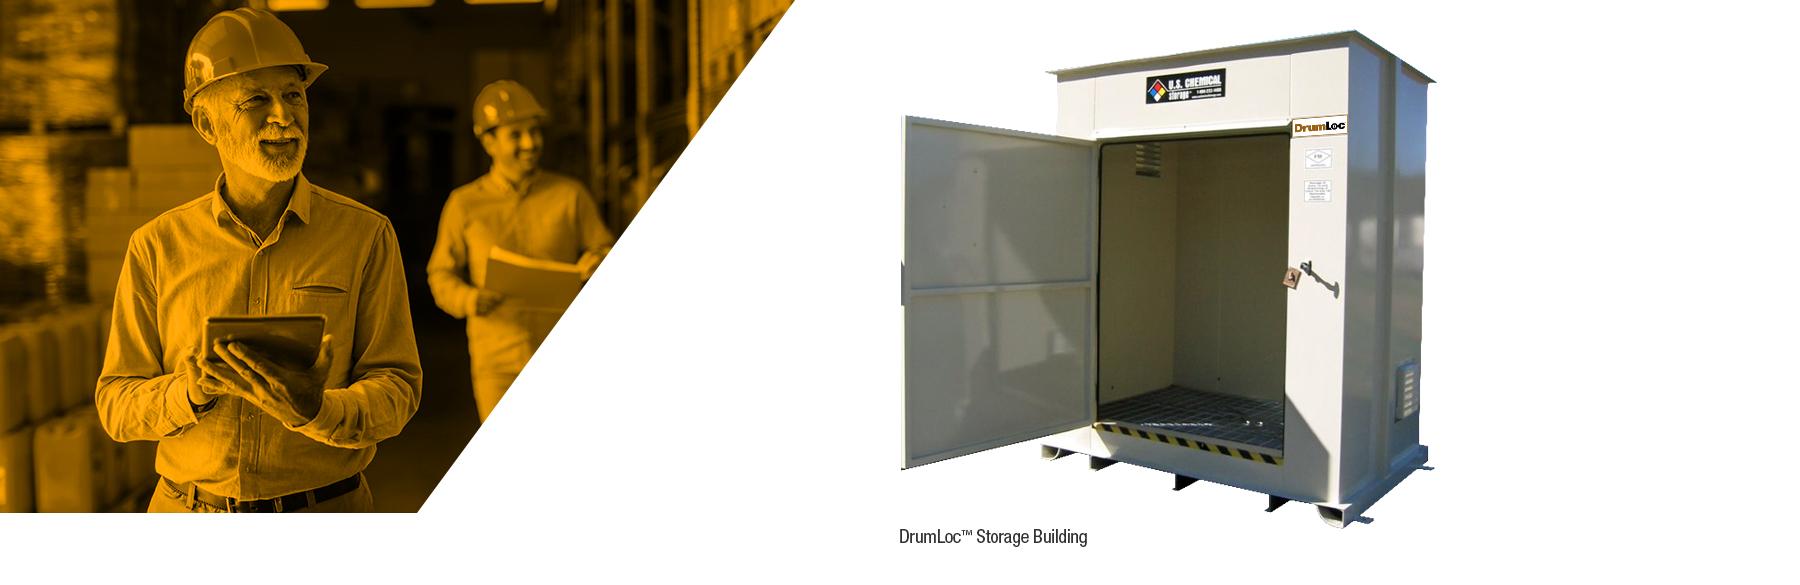 U.S. Chemical Storage's DrumLoc chemical drum storage buildings